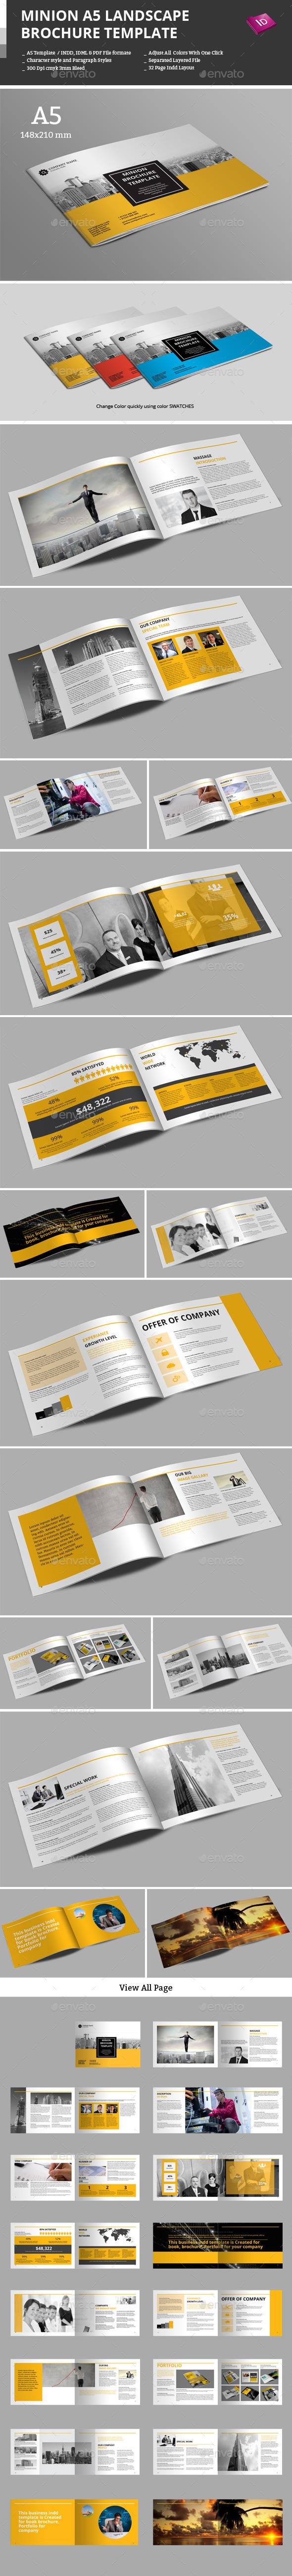 GraphicRiver Minion A5 Landscape Brochure Template 9772203